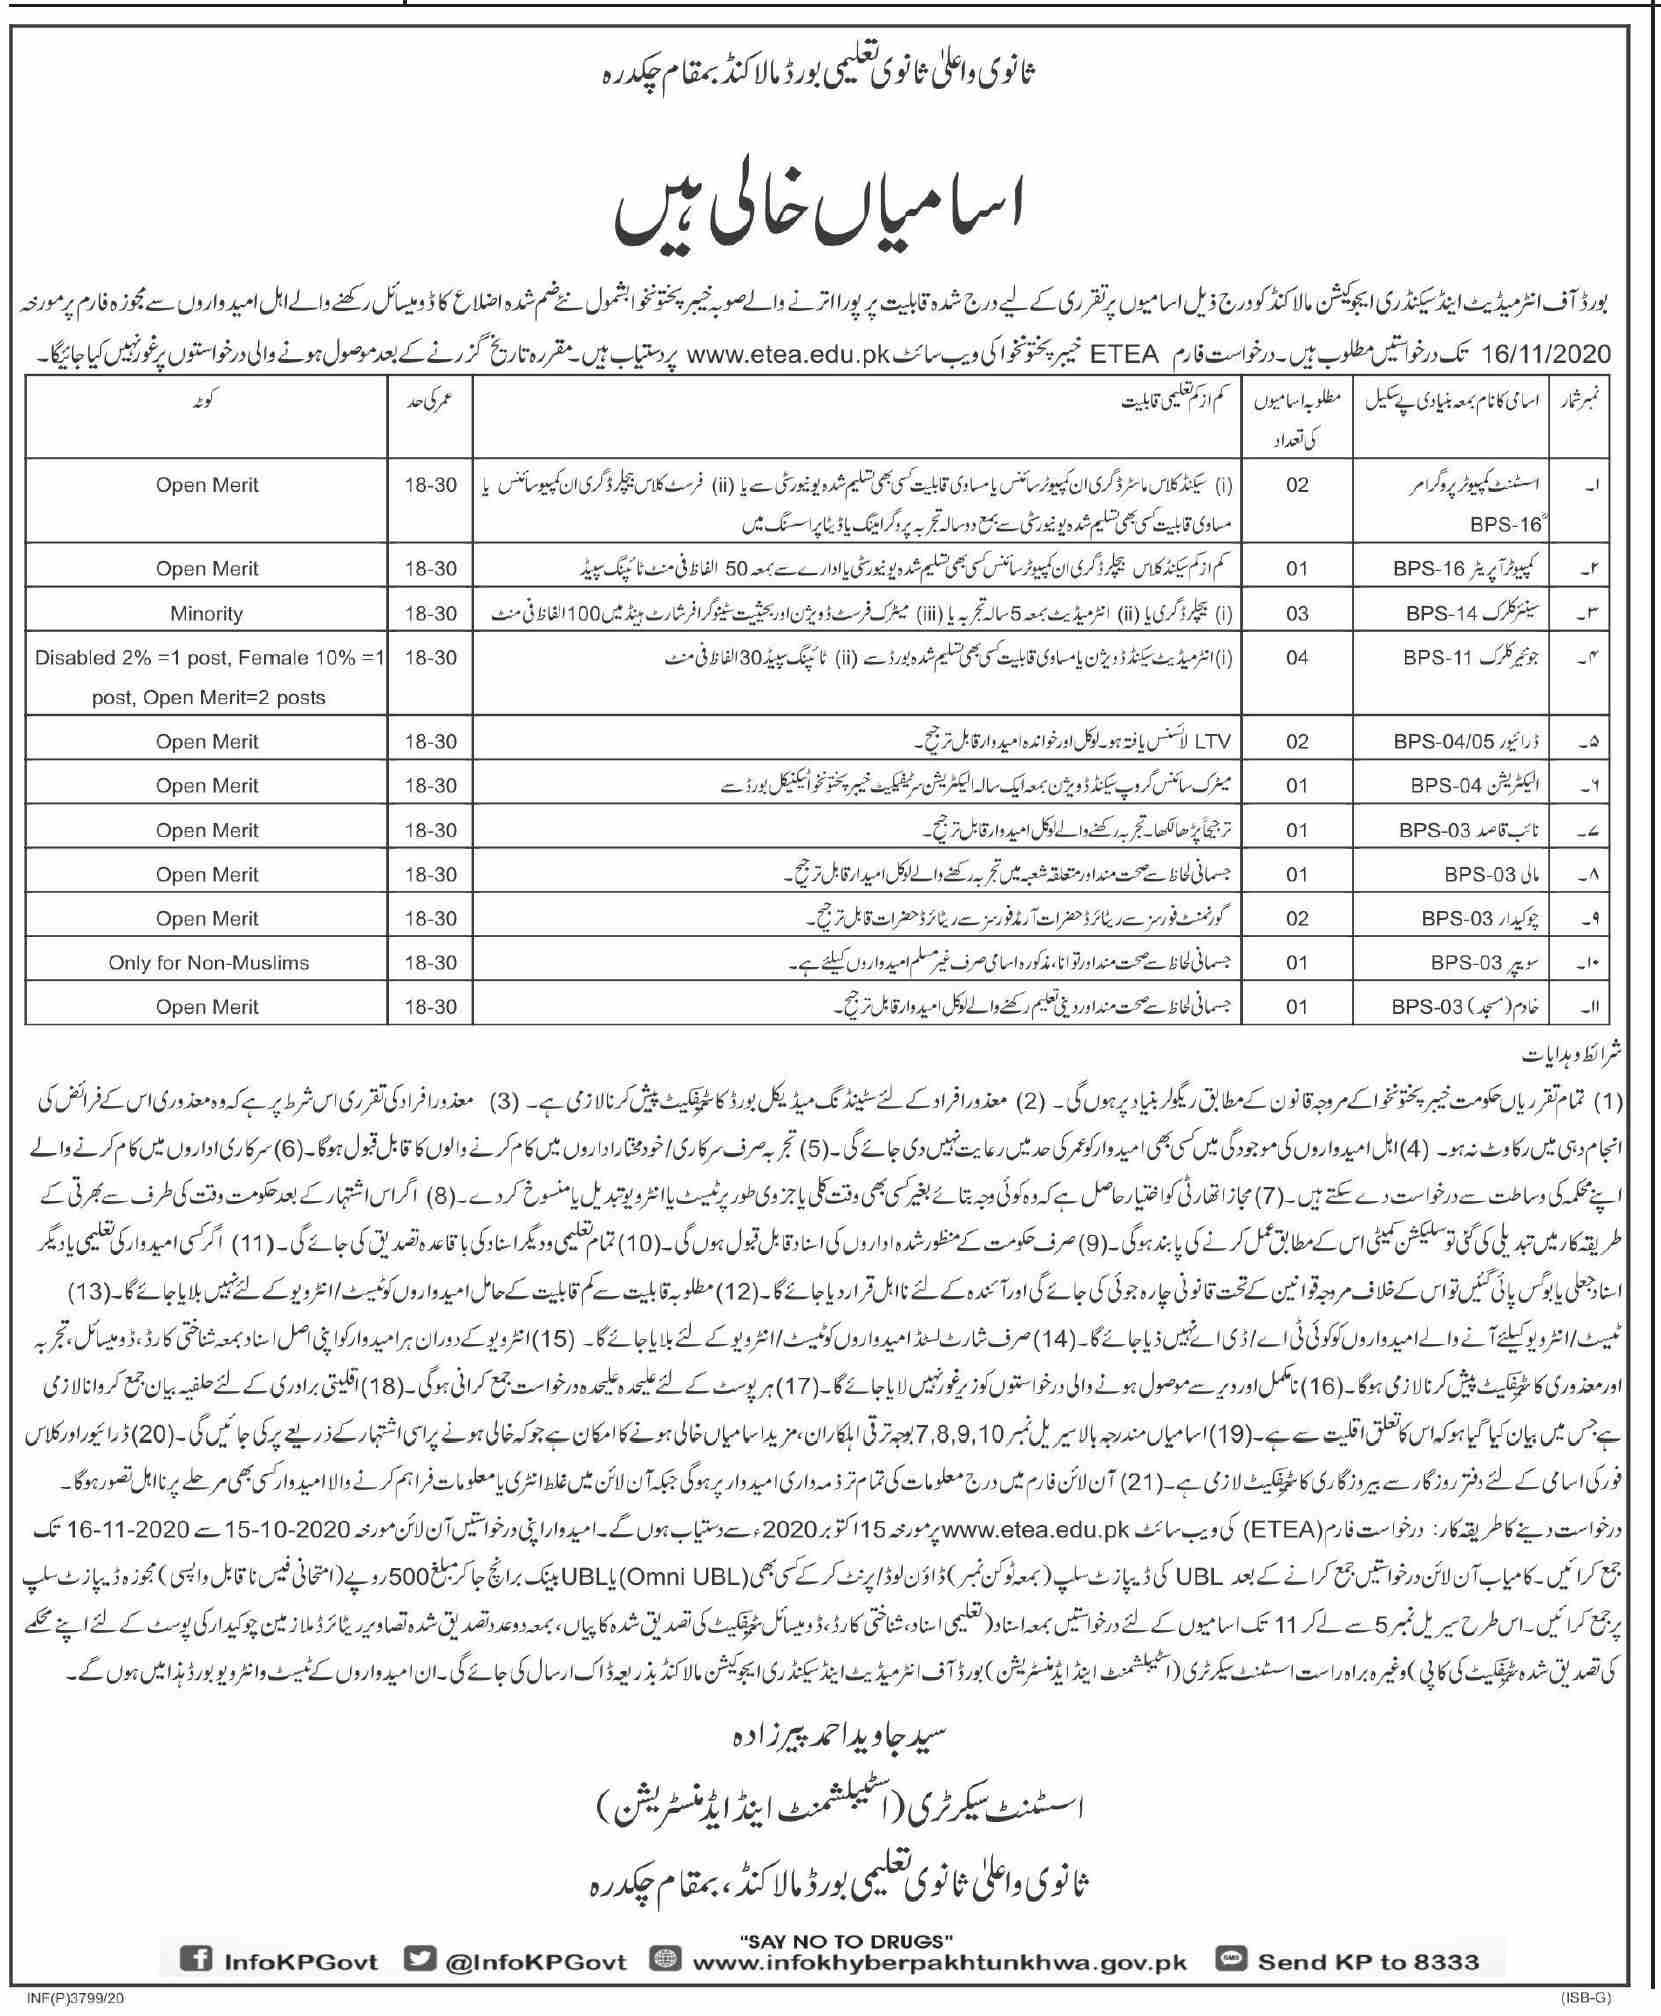 Board of Intermediate & Secondary Education BISE Malakand Job Advertisement in Pakistan - Online Apply - www.etea.edu.pk